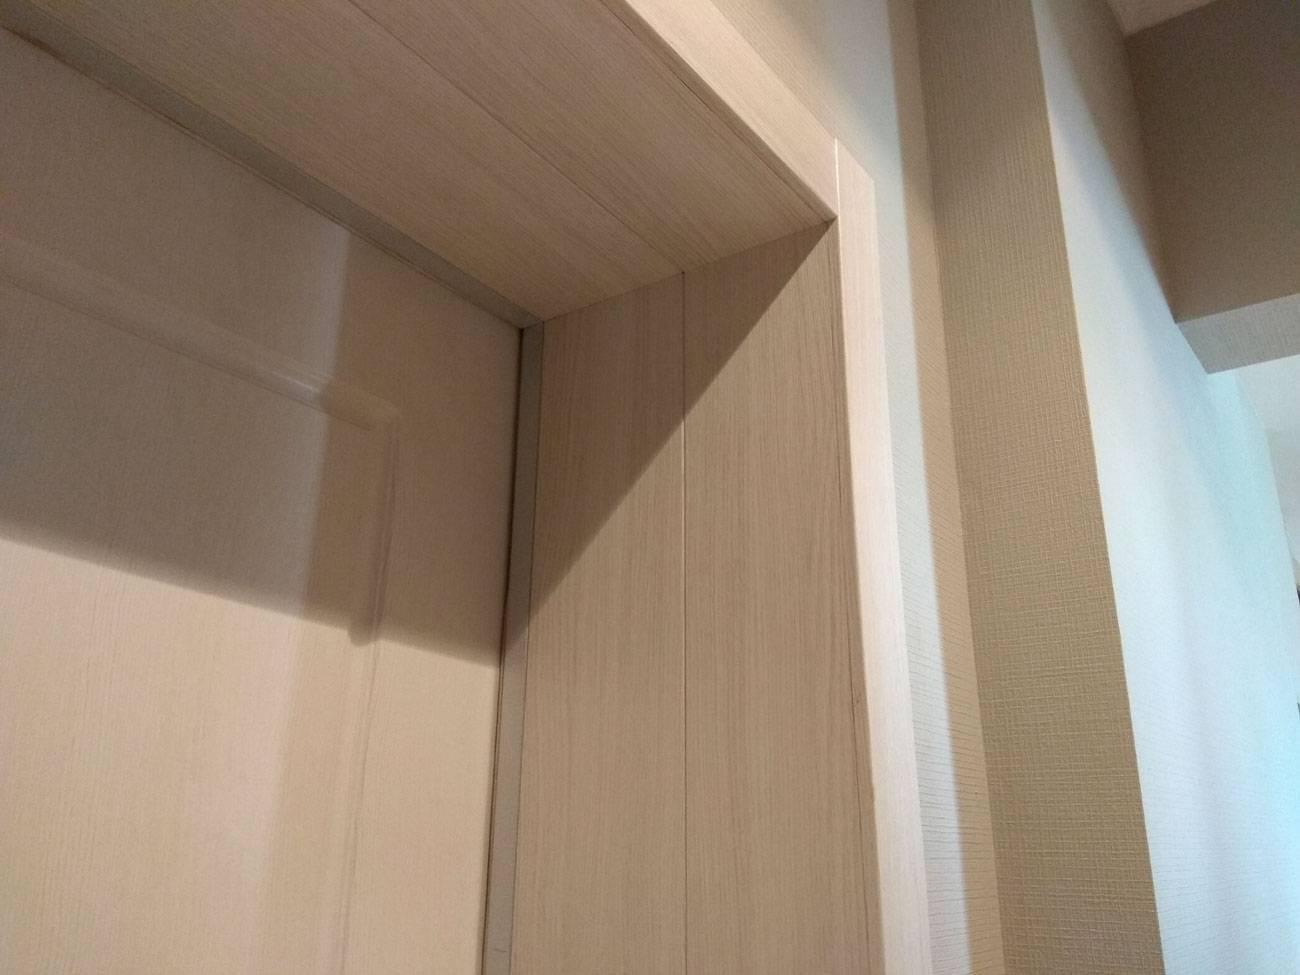 Откосы из ламината на входные двери: как правильно сделать?